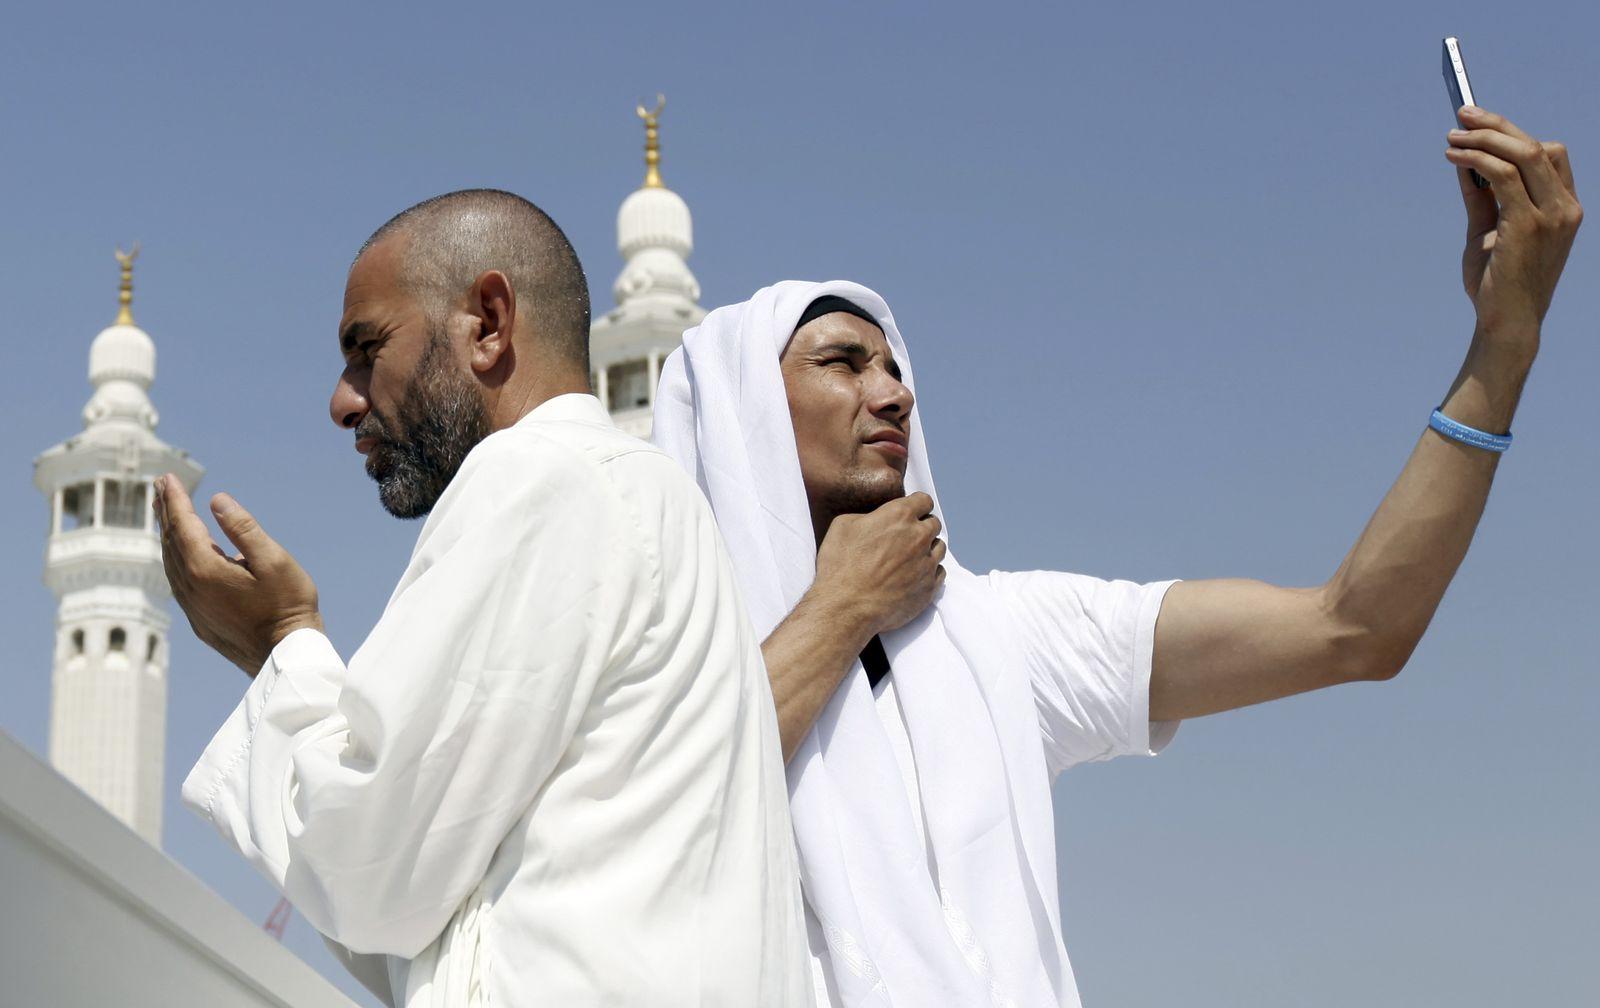 Saudi-Arabien / Pilger / Smartphone